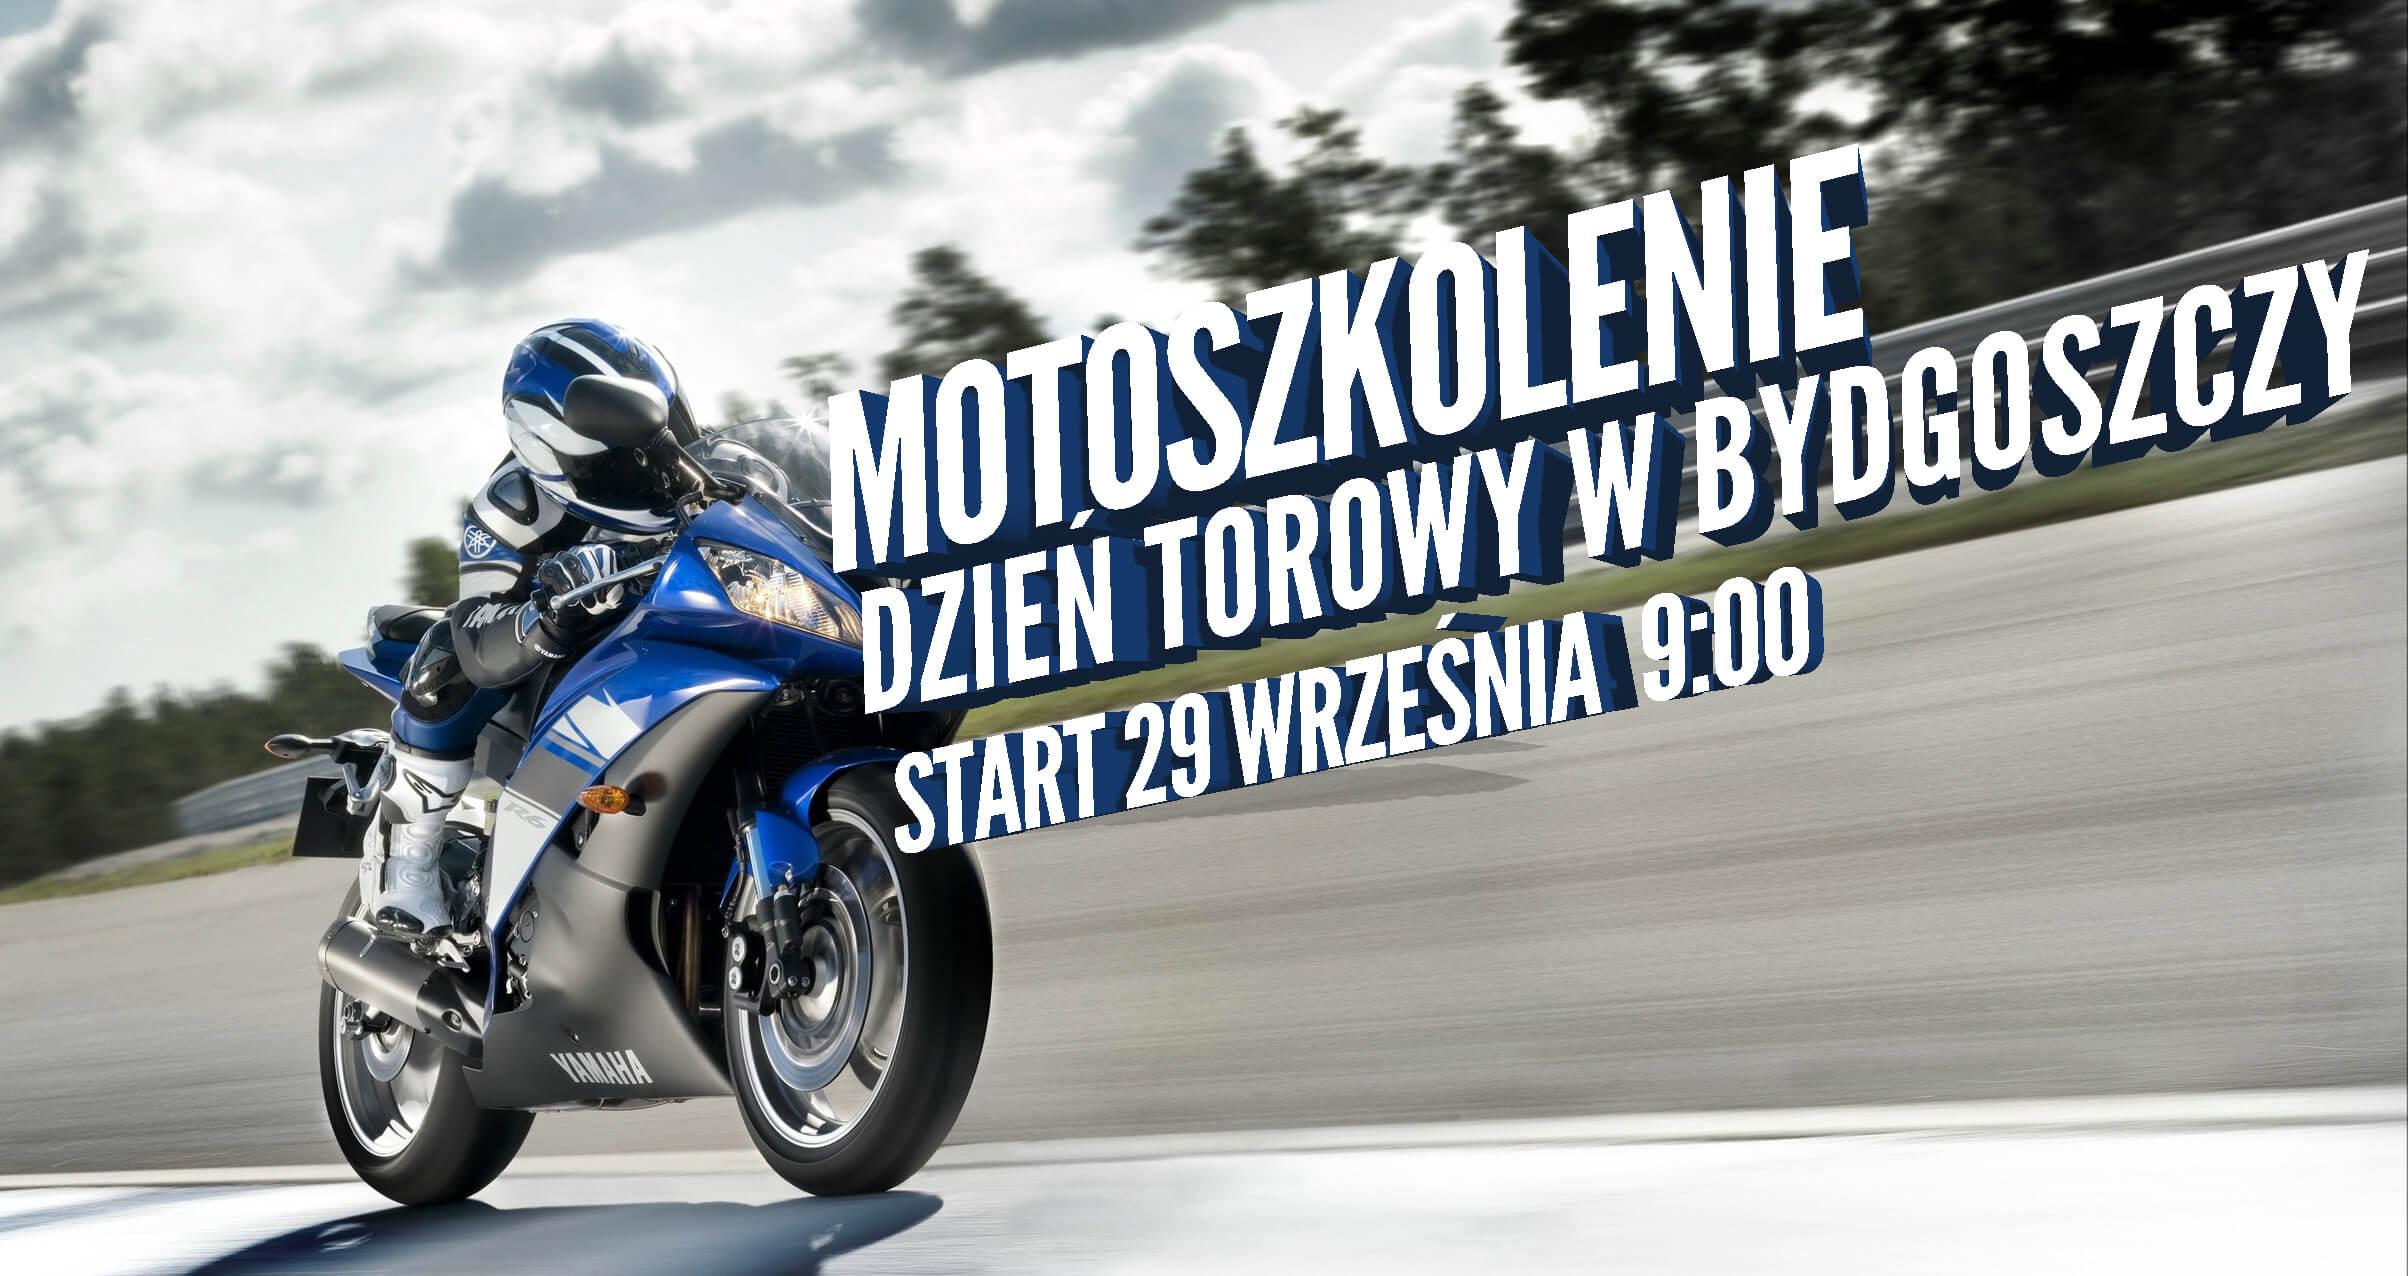 Zapraszamy na Dzień Torowy na torze w Bydgoszczy – 29.09.2018